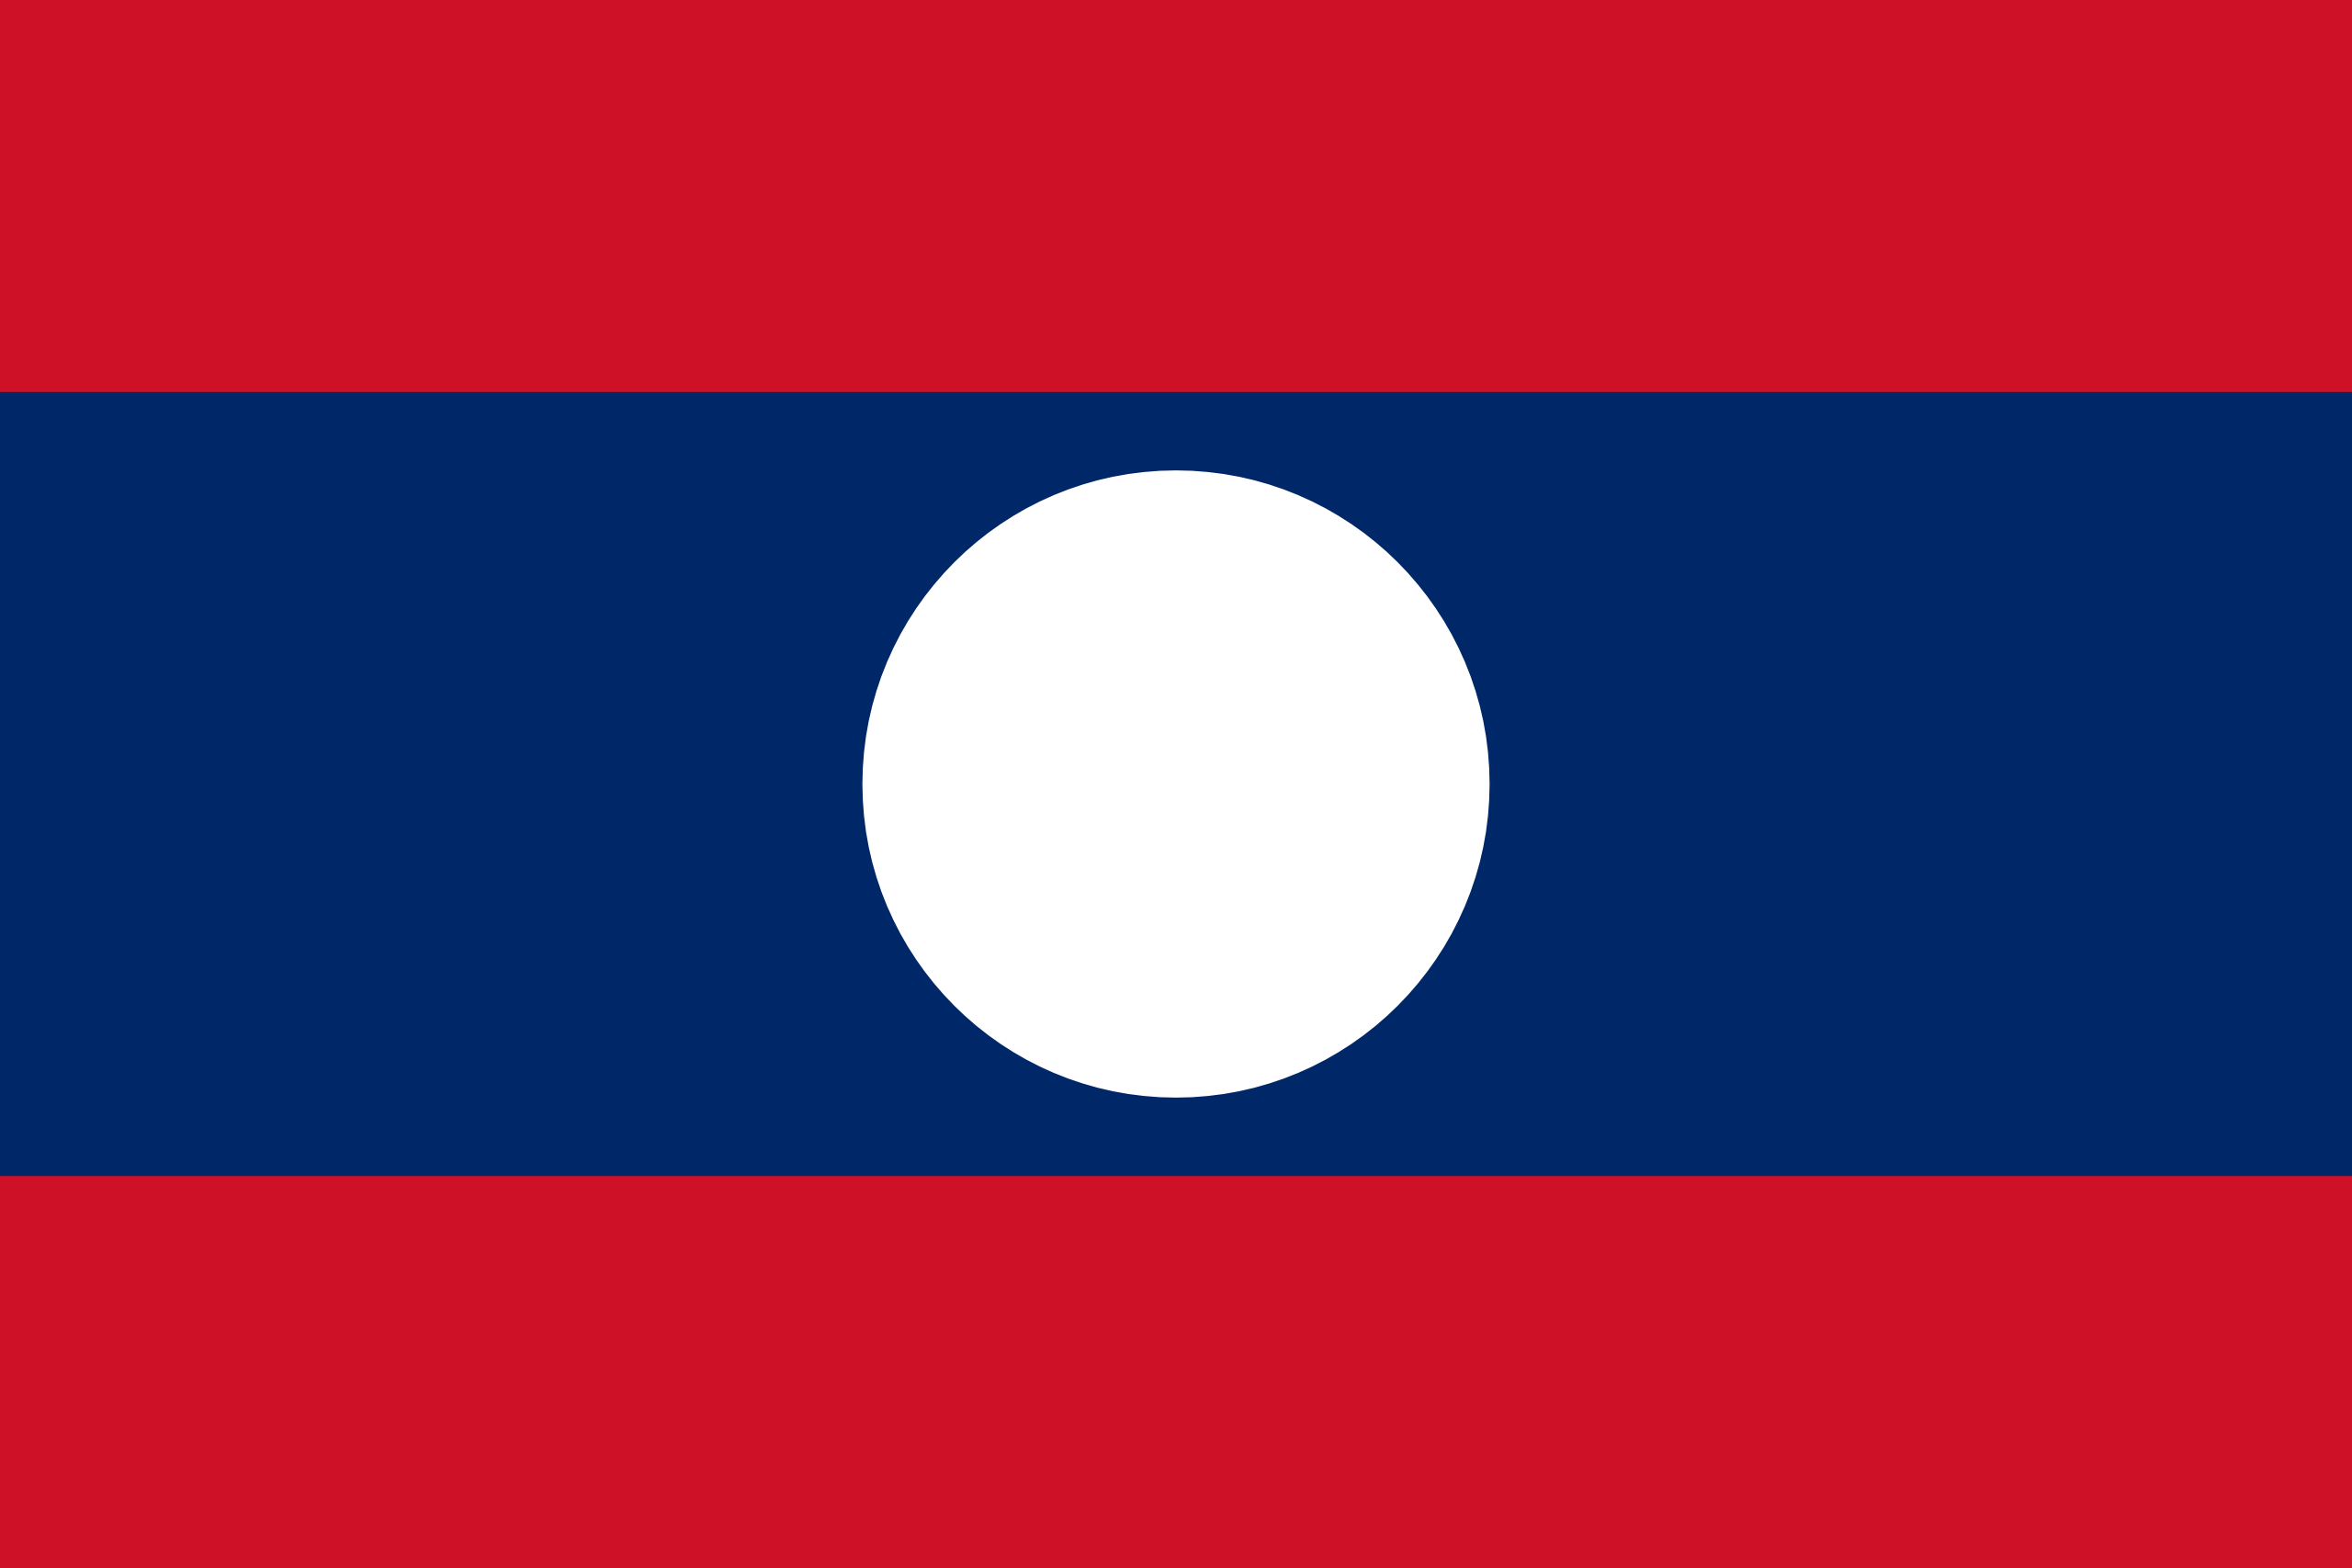 Laos, pays, emblème, logo, symbole - Fonds d'écran HD - Professor-falken.com